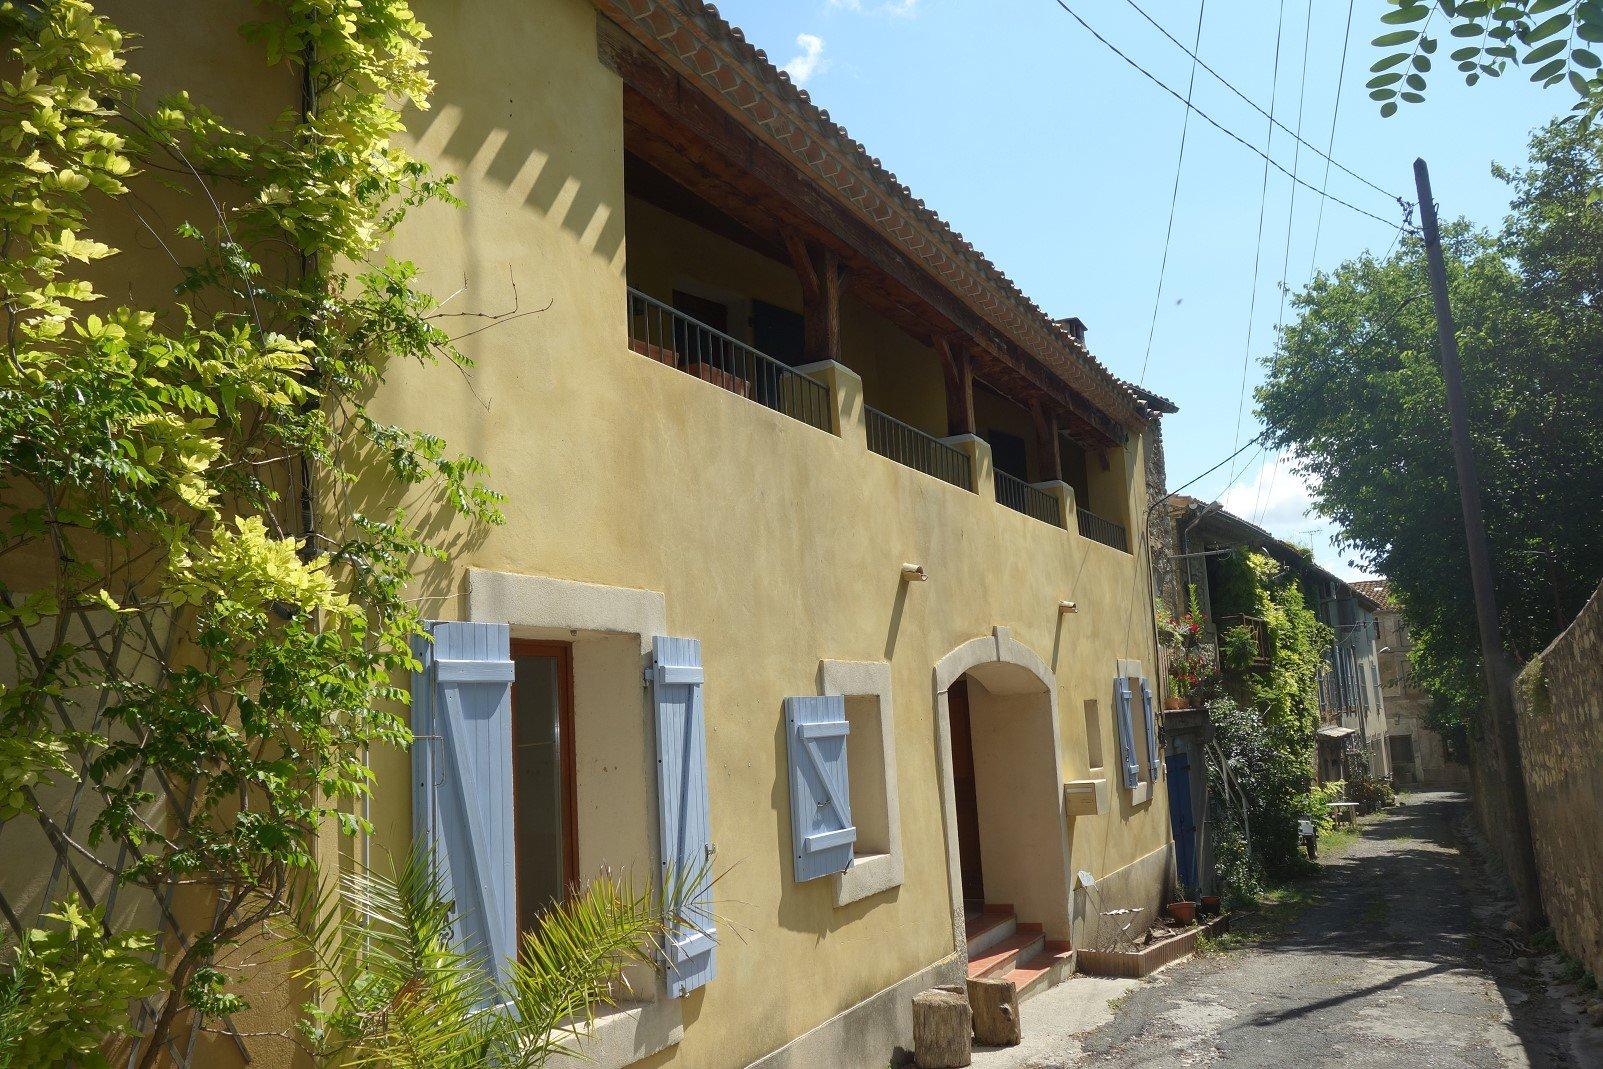 Maison avec balcon et Patio